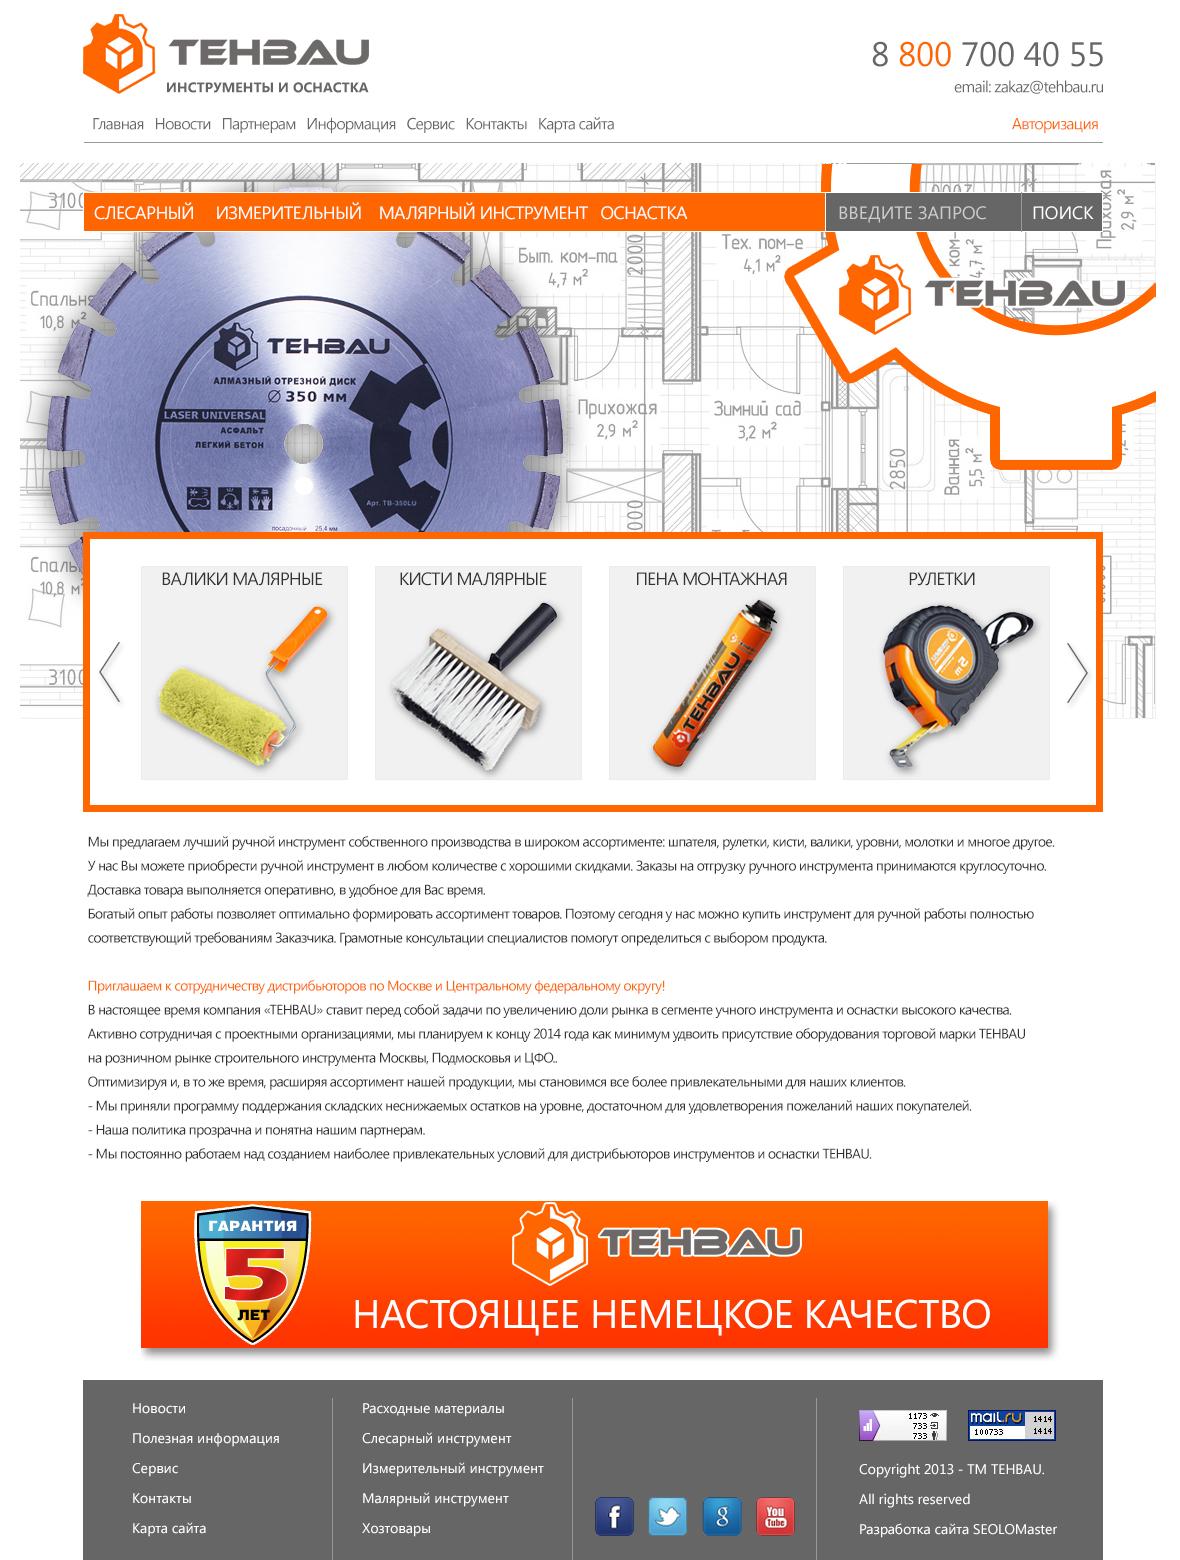 официальный сайт бренда TEHBAU - инструмент и оснастка